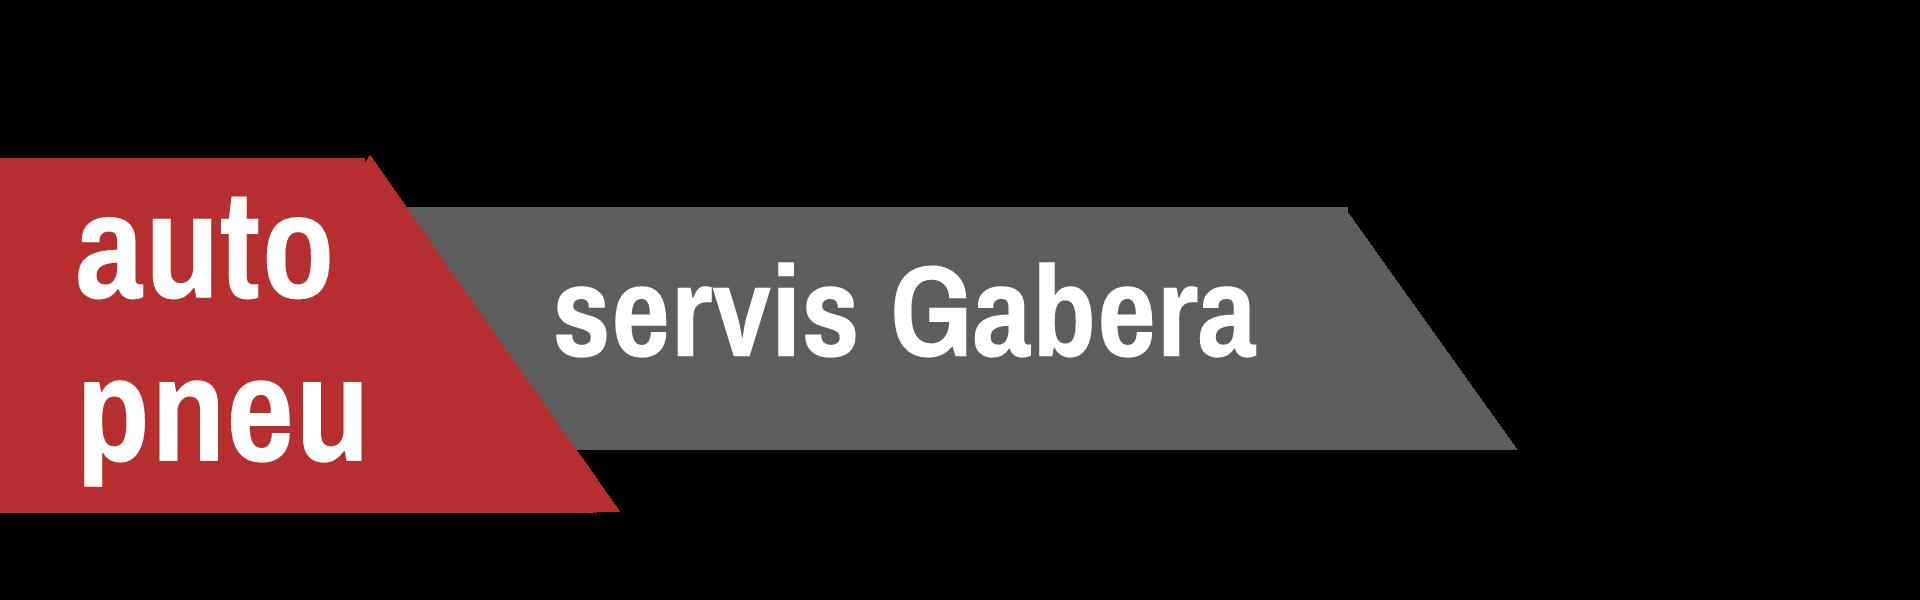 Autoservis Gabera